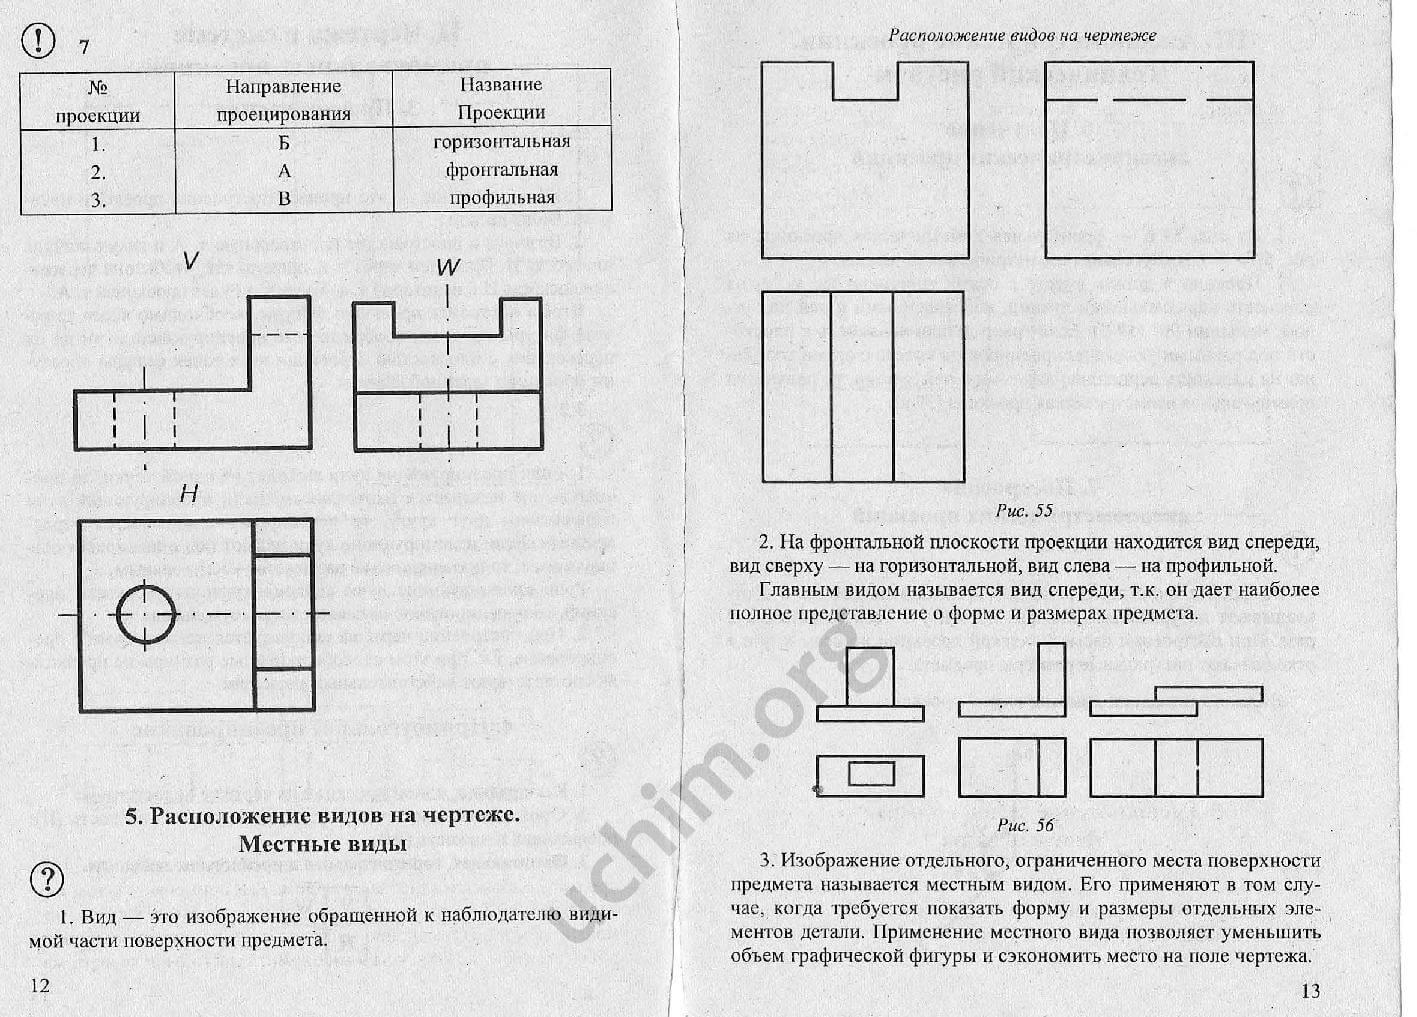 Вышнепольский гдз черчение 9 класс рабочая тетрадь